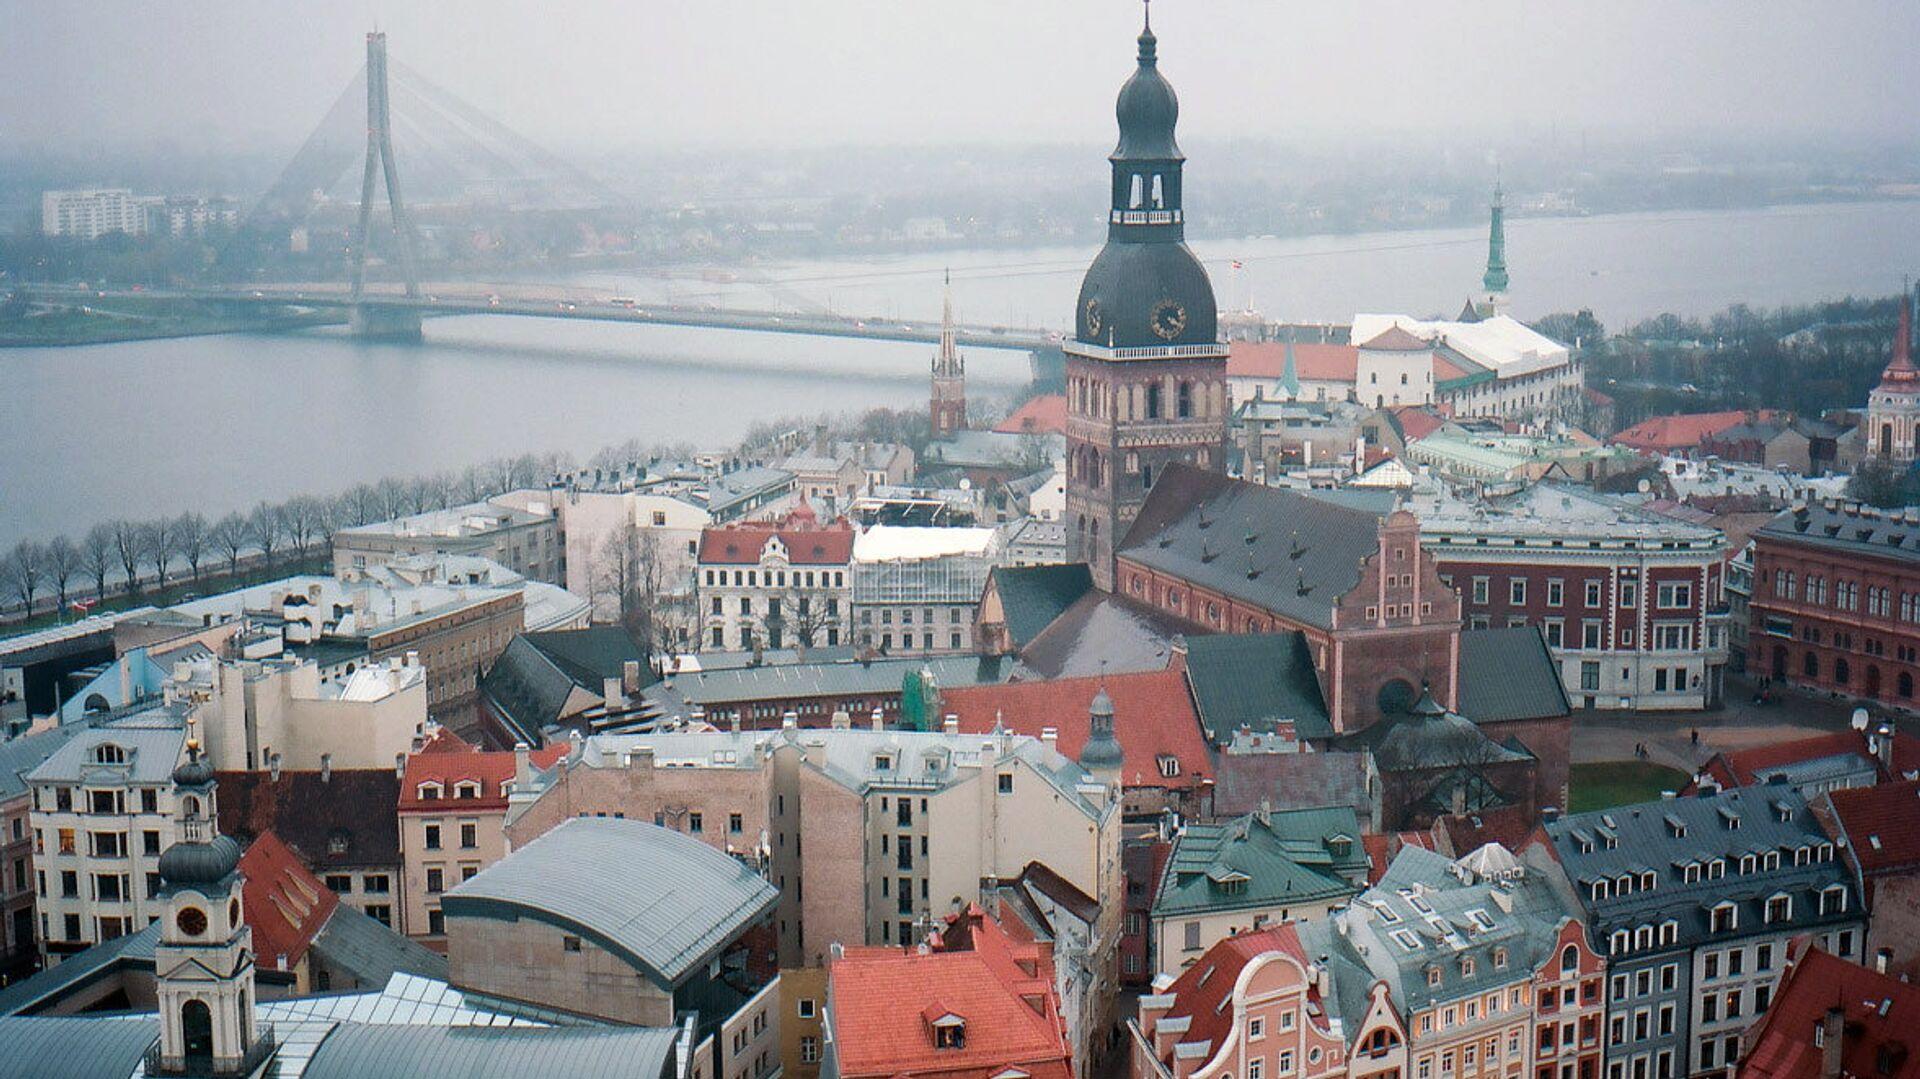 Колокольня Домского кафедрального собора в Риге в Латвии - РИА Новости, 1920, 12.03.2021